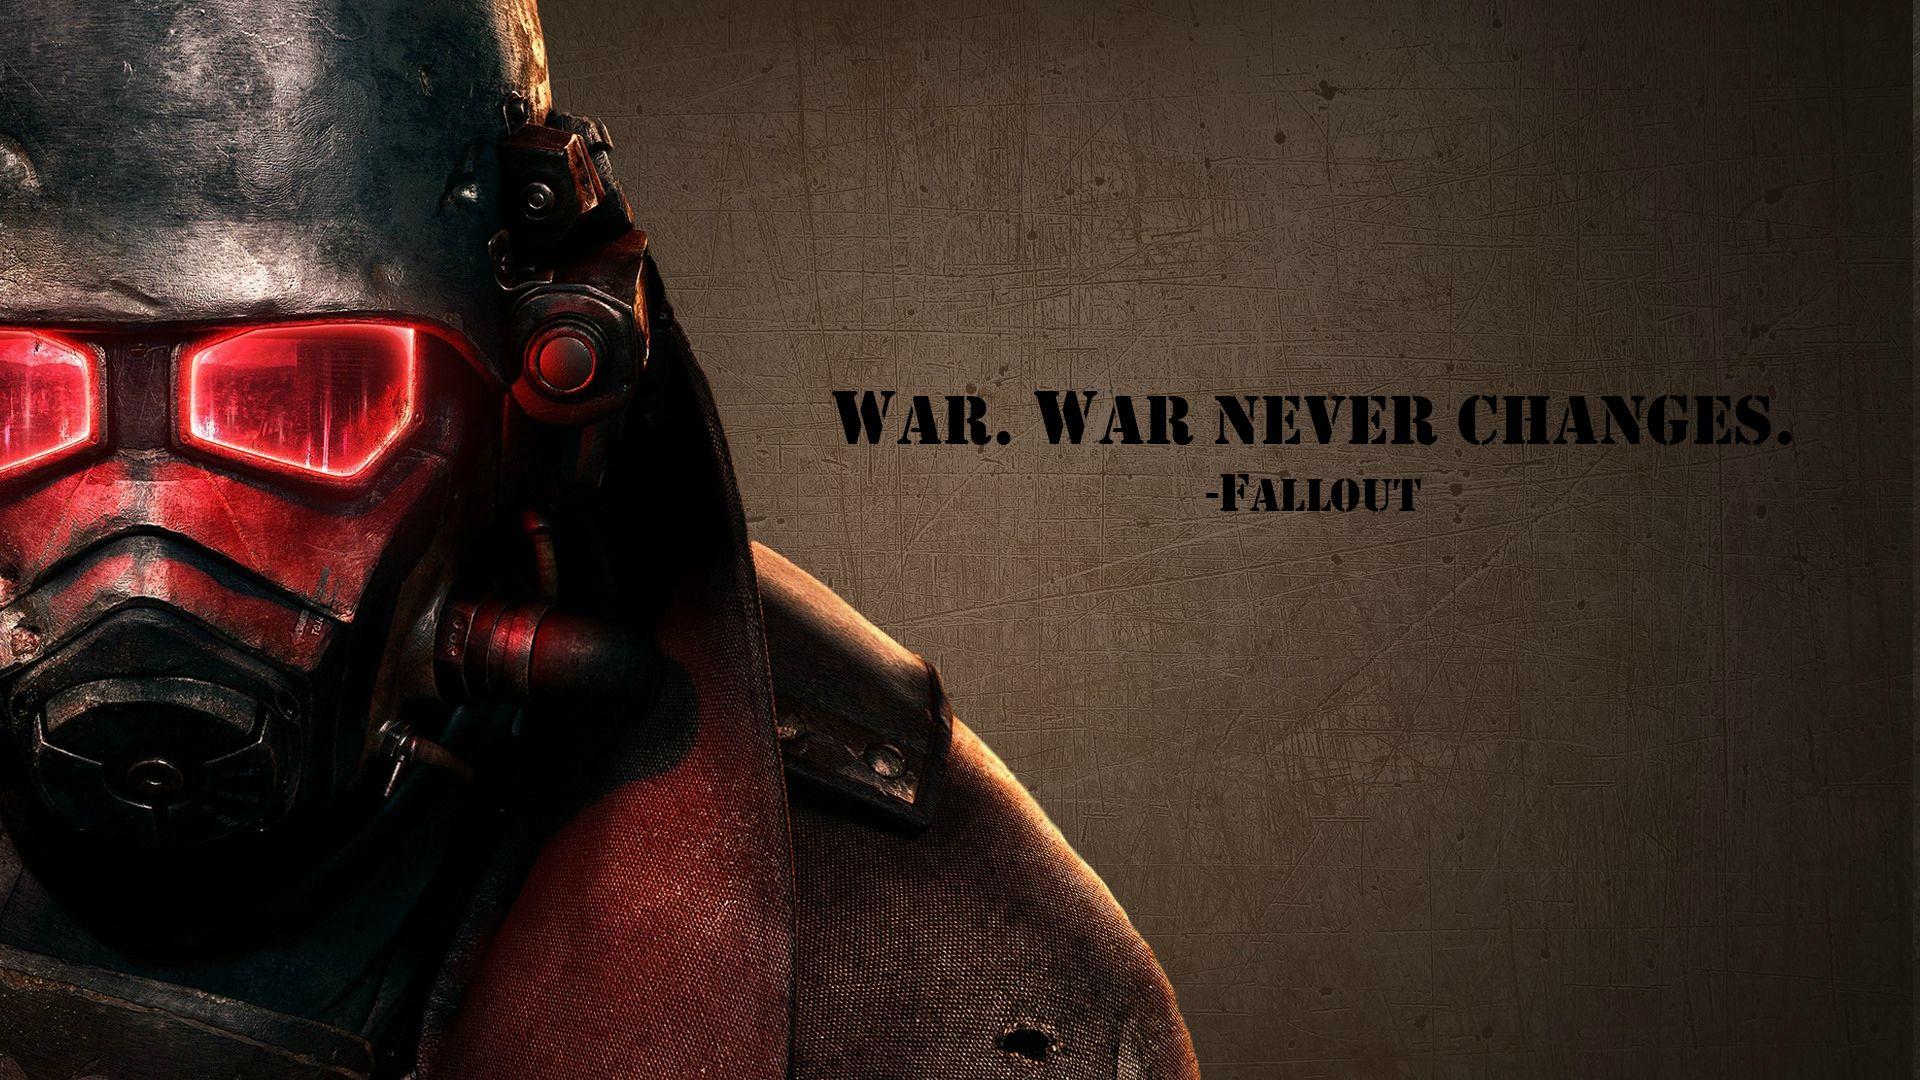 Fallout War wallpaper 1920x1080 122745 WallpaperUP 1920x1080